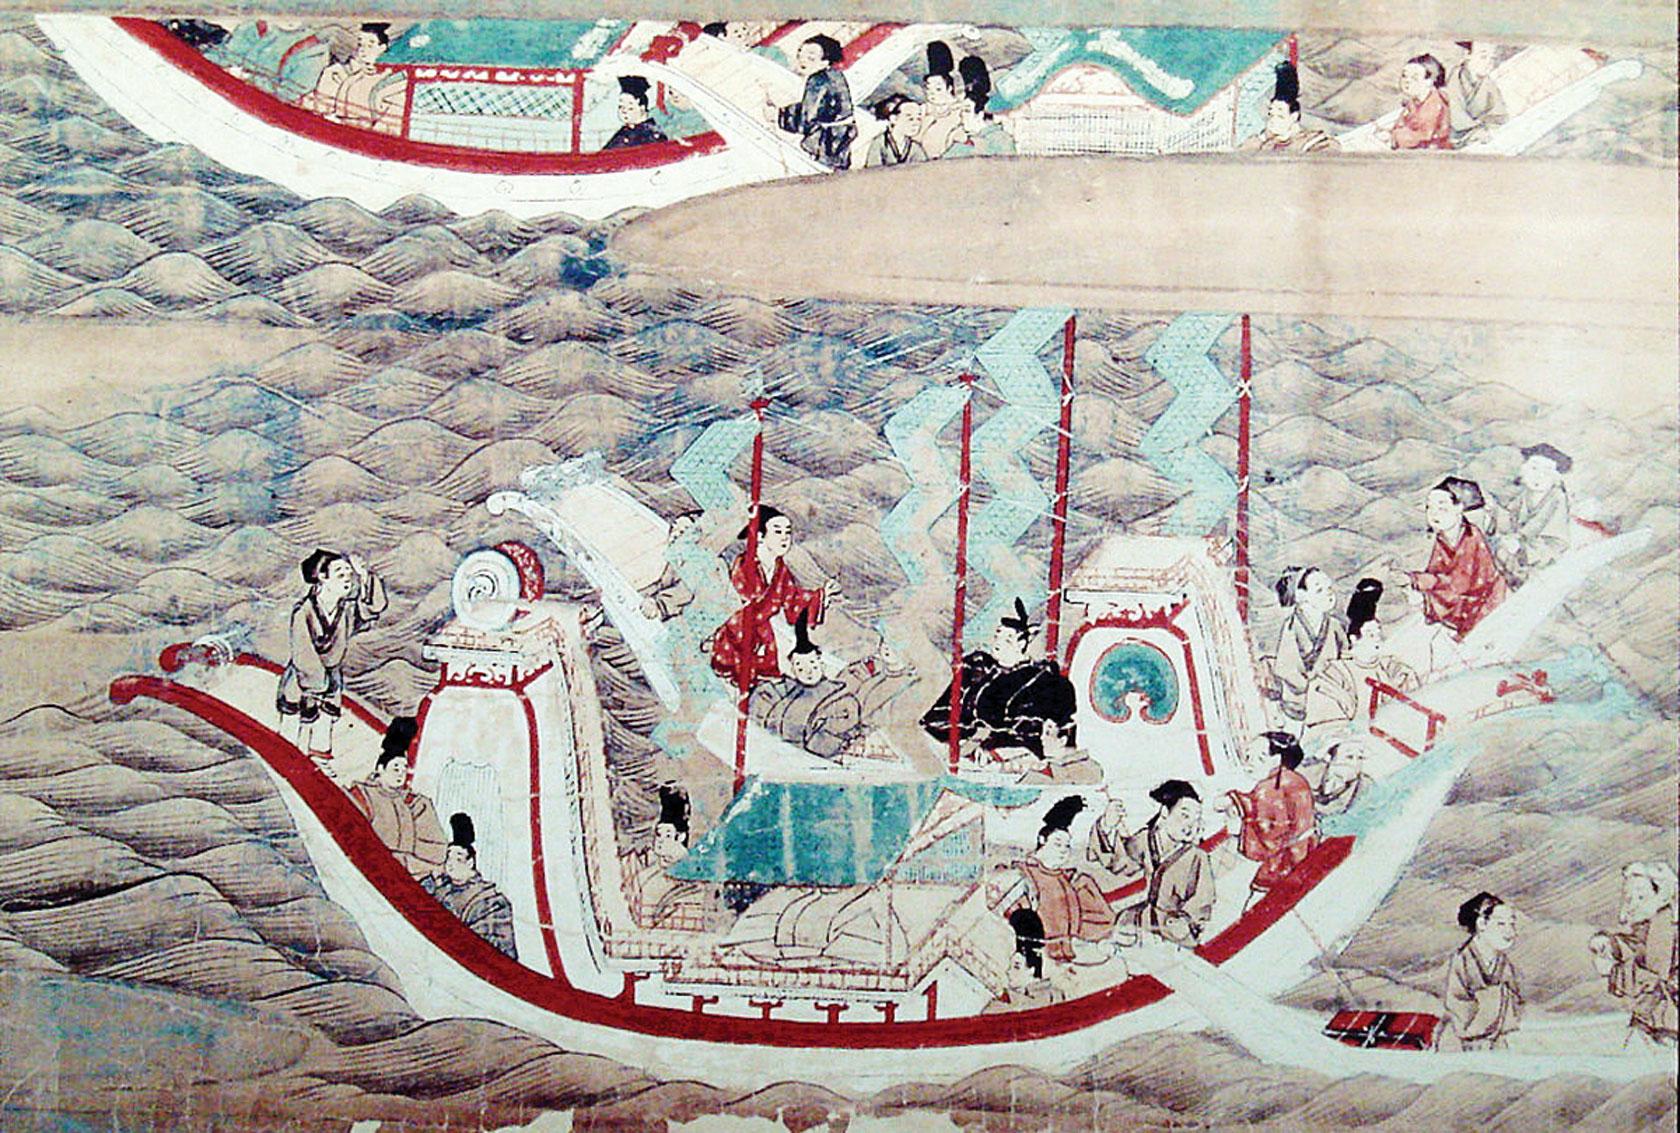 《東征傳繪卷》描繪的日本遣唐使乘船赴唐的景象。(PHGCOM/維基百科公有領域)